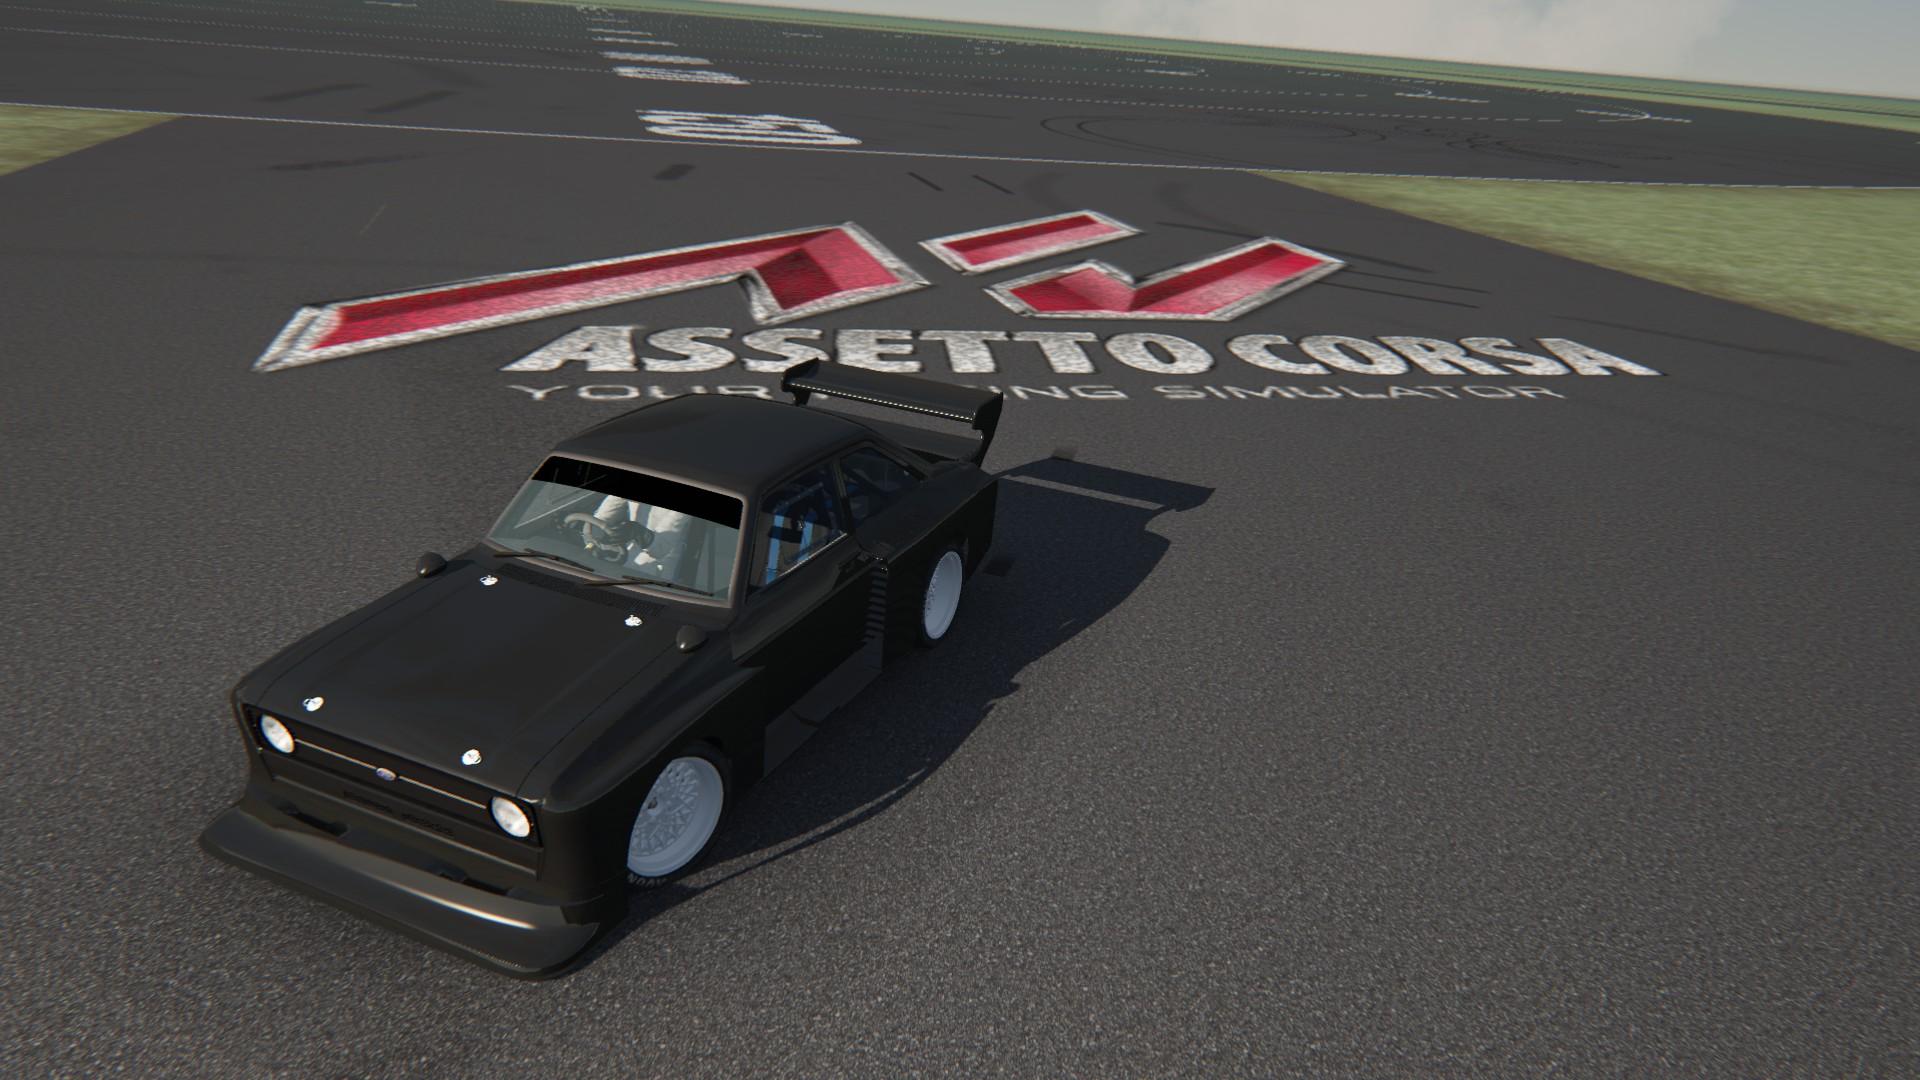 Zakspeed Ford Escort MK2 W.I.P.